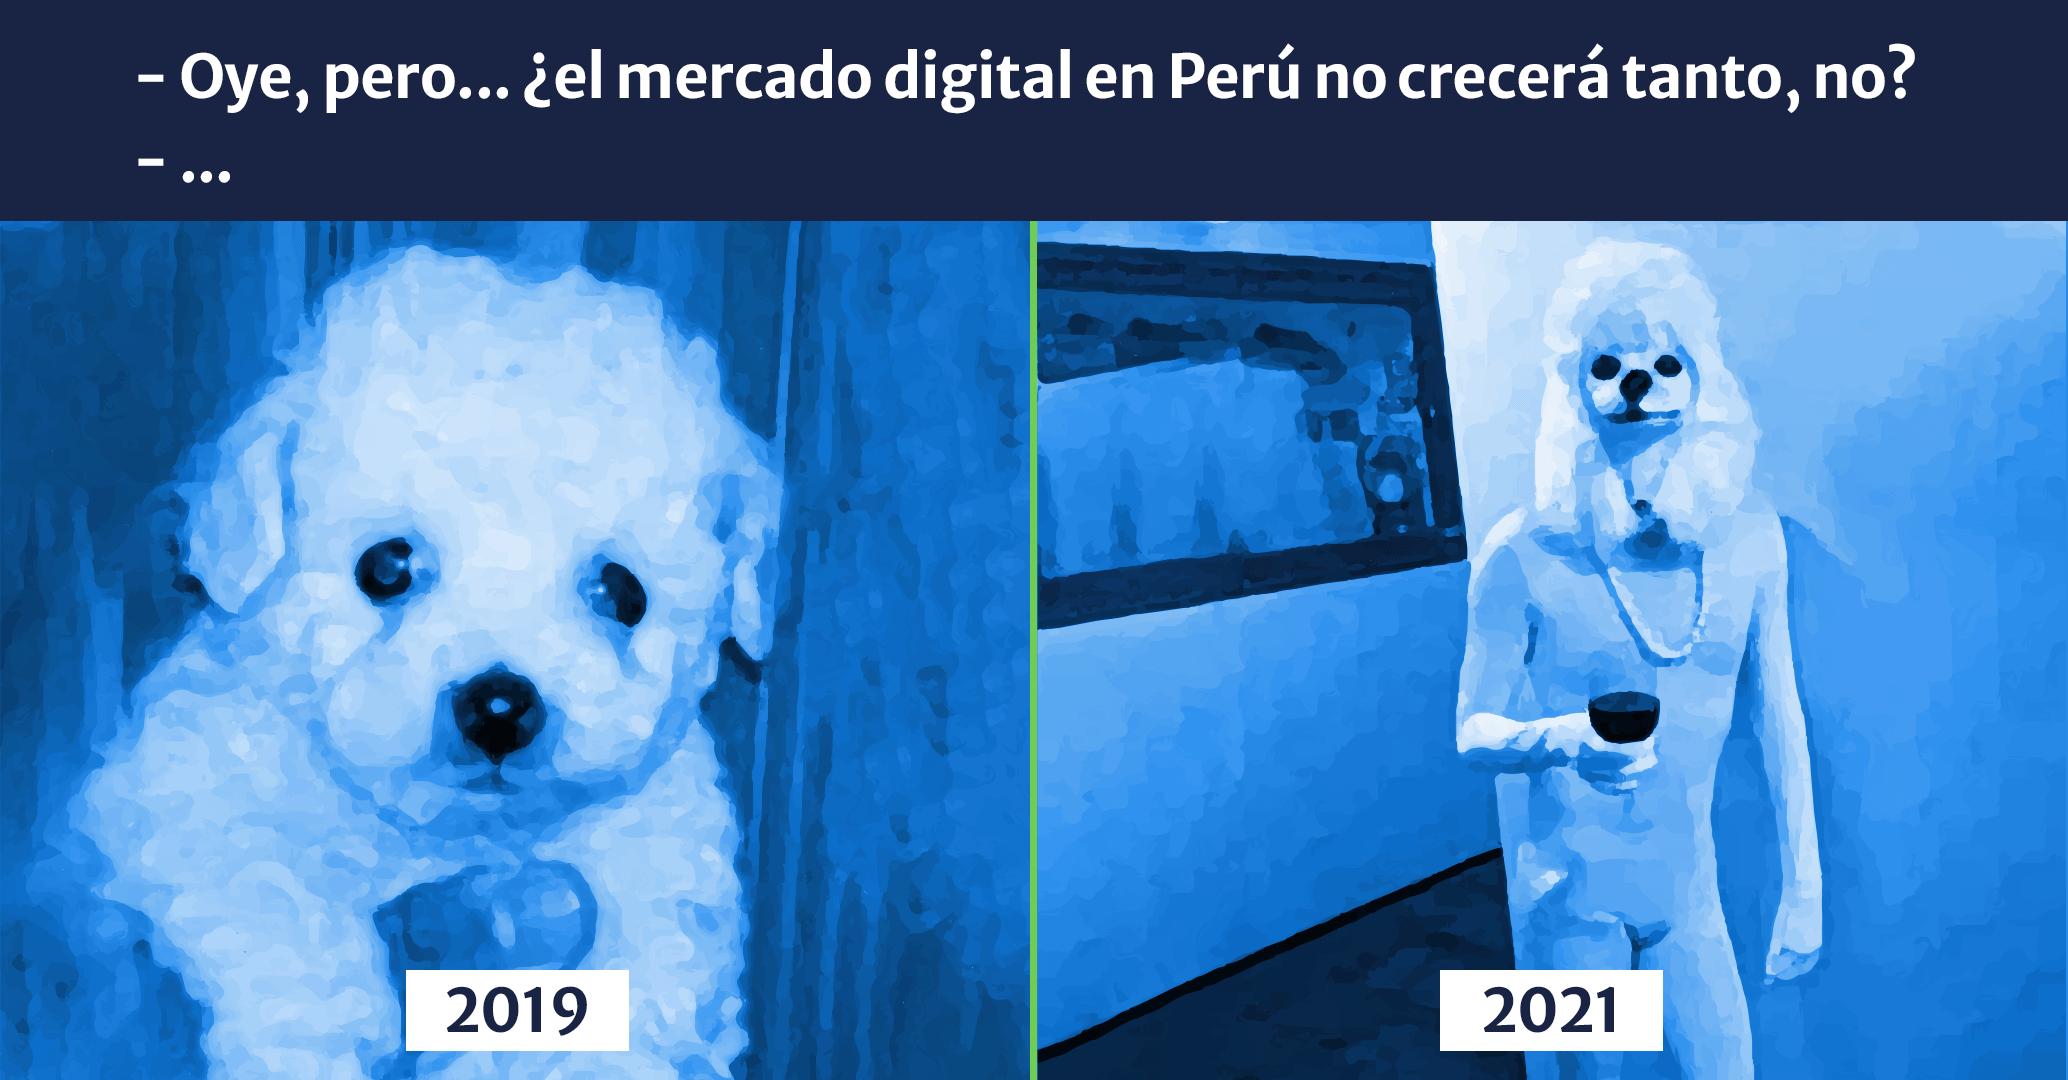 ¡Crece el escenario digital en el Perú y Manya crece con él! 🇵🇪